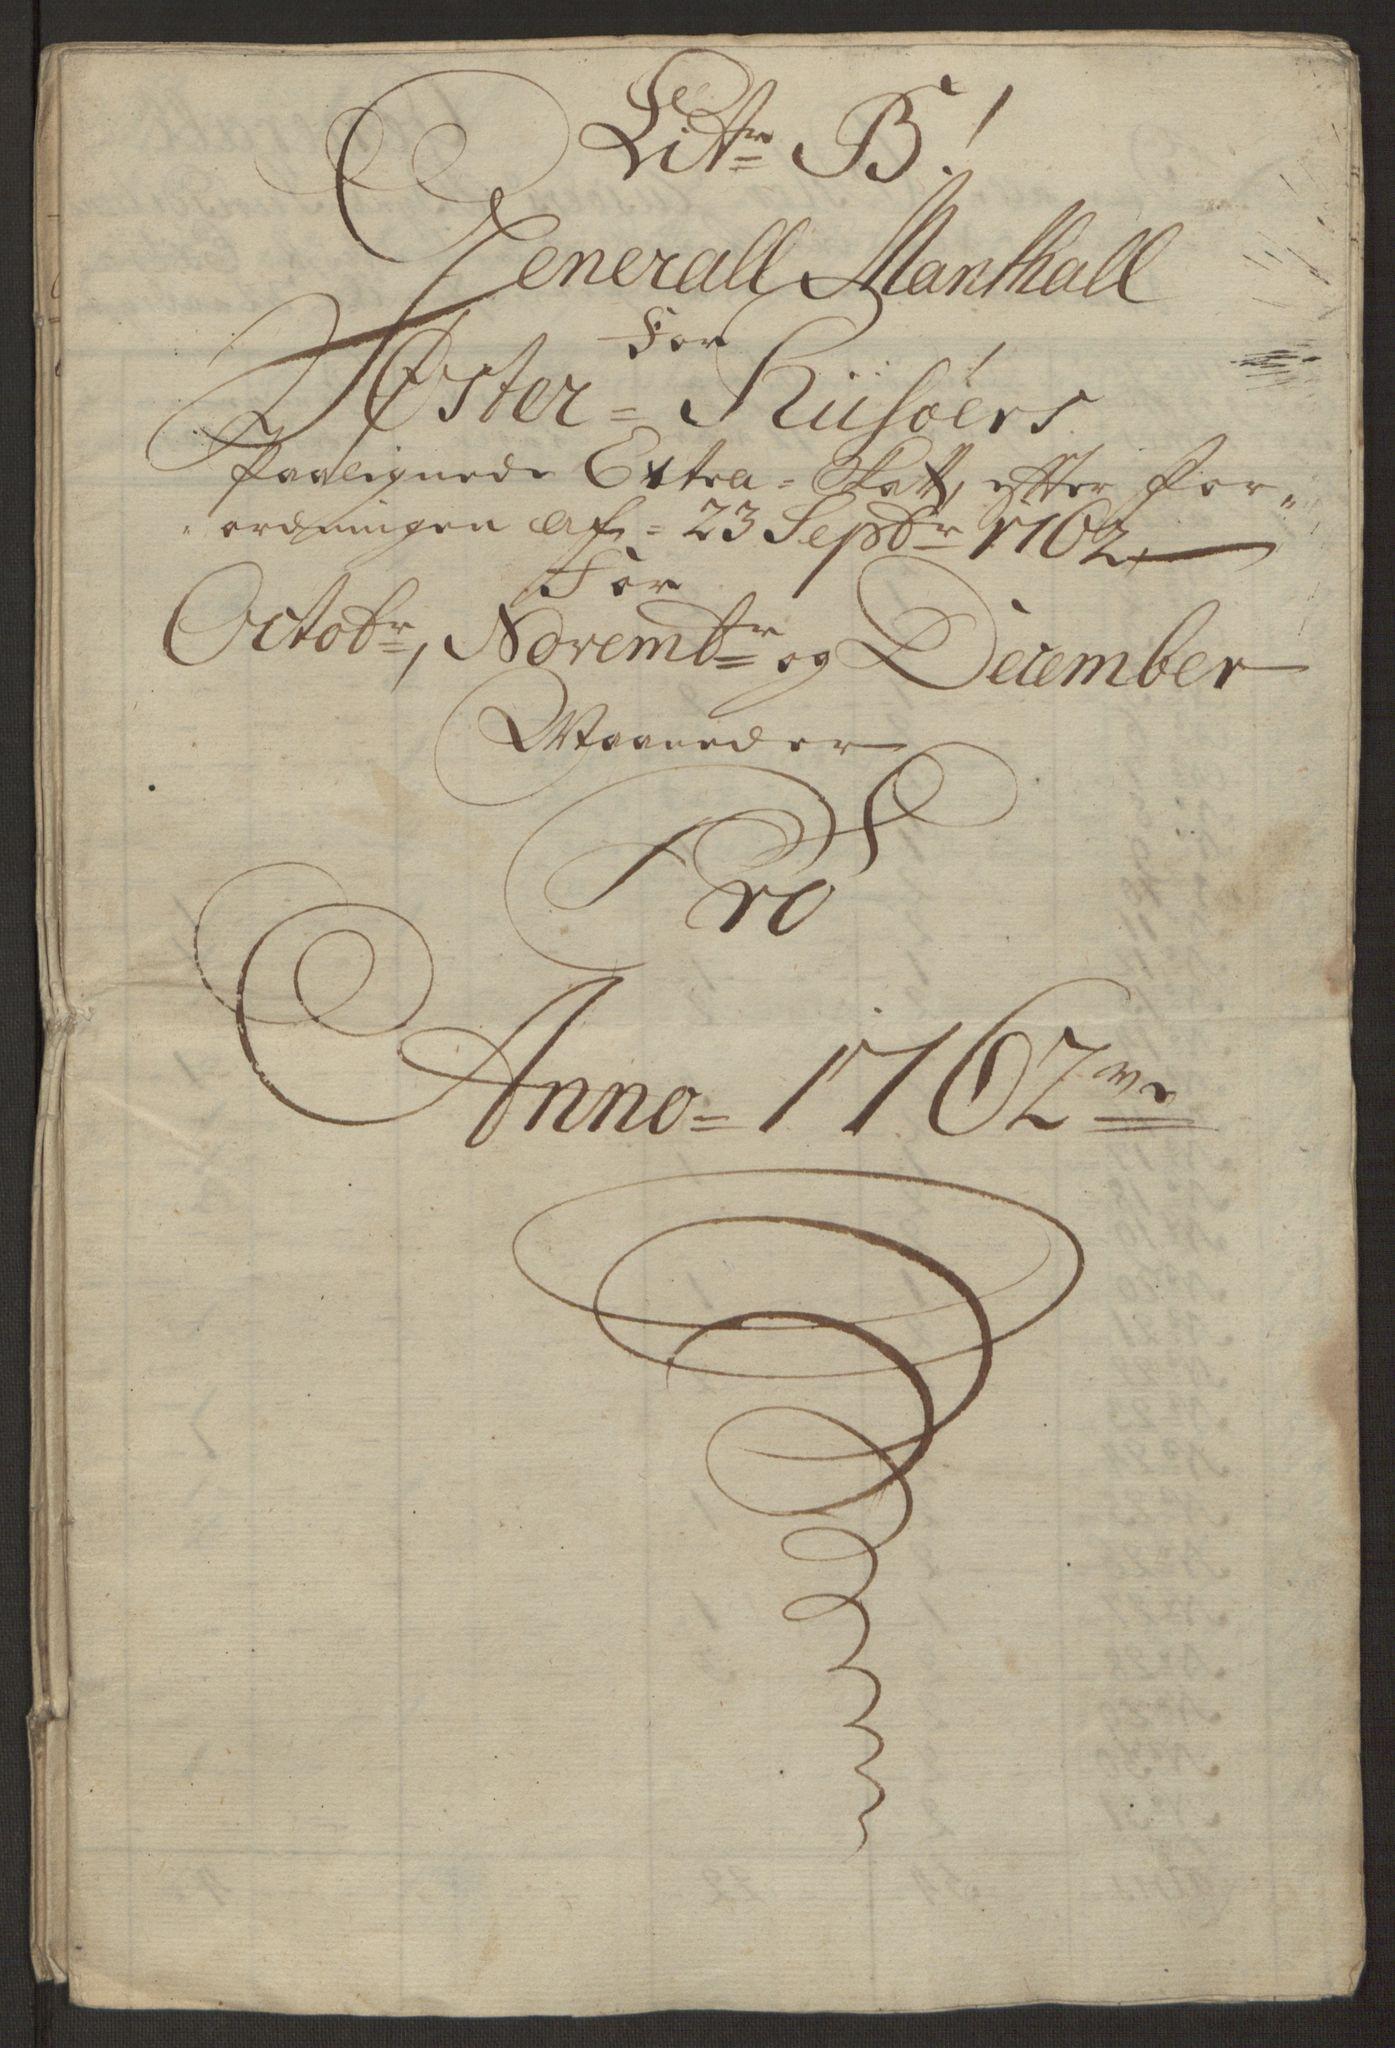 RA, Rentekammeret inntil 1814, Reviderte regnskaper, Byregnskaper, R/Rl/L0230: [L4] Kontribusjonsregnskap, 1762-1764, s. 71